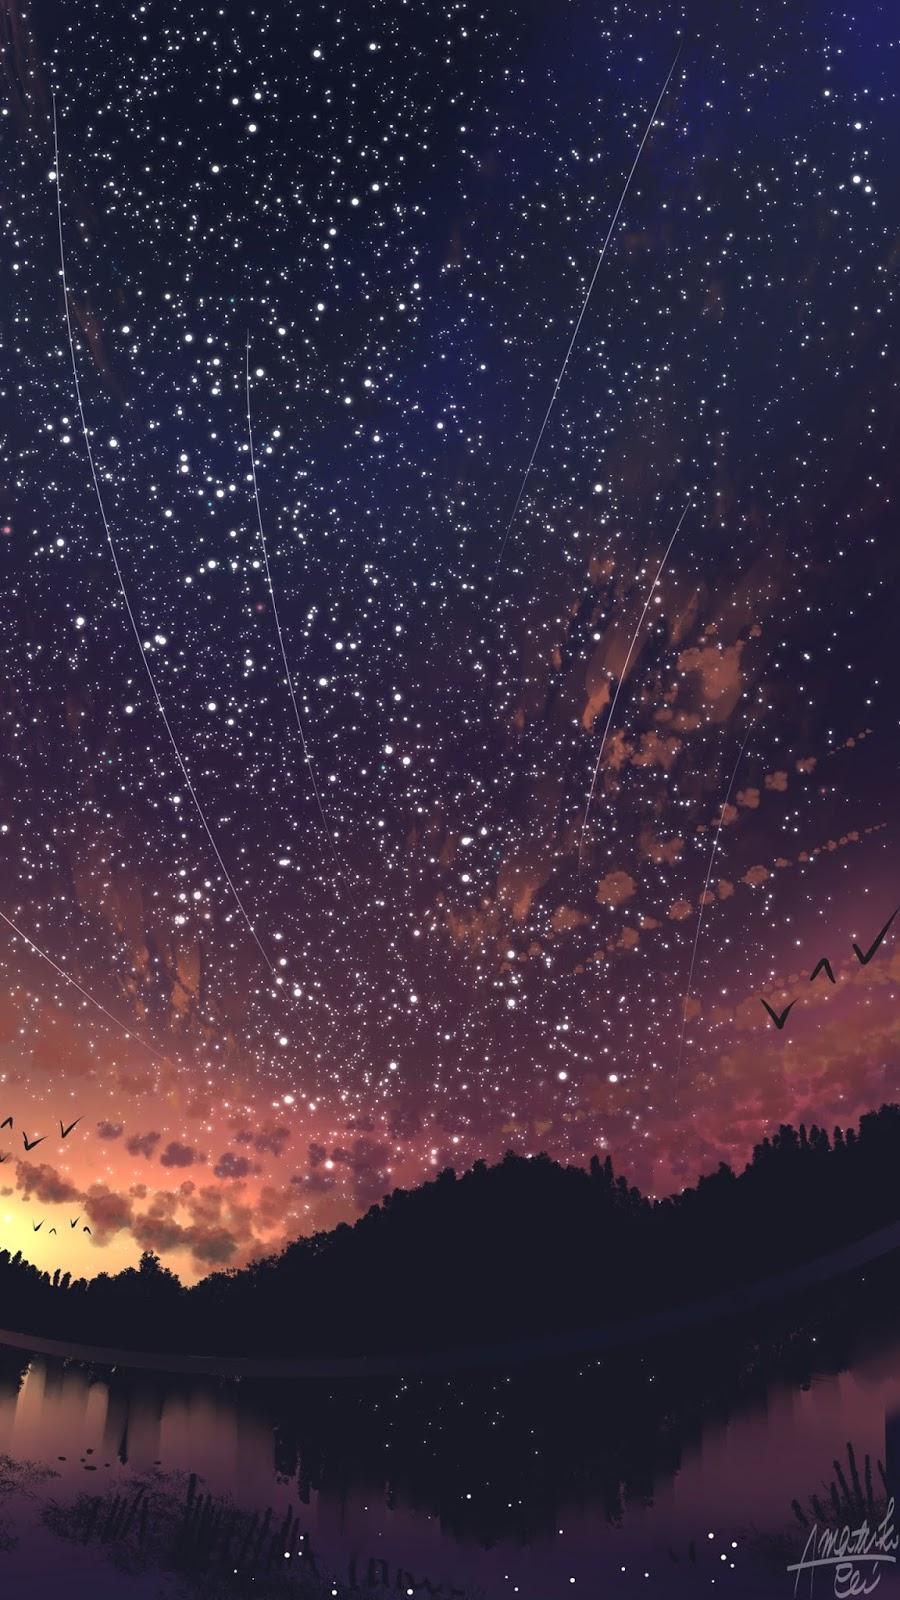 Những vì sao trên bầu trời đêm